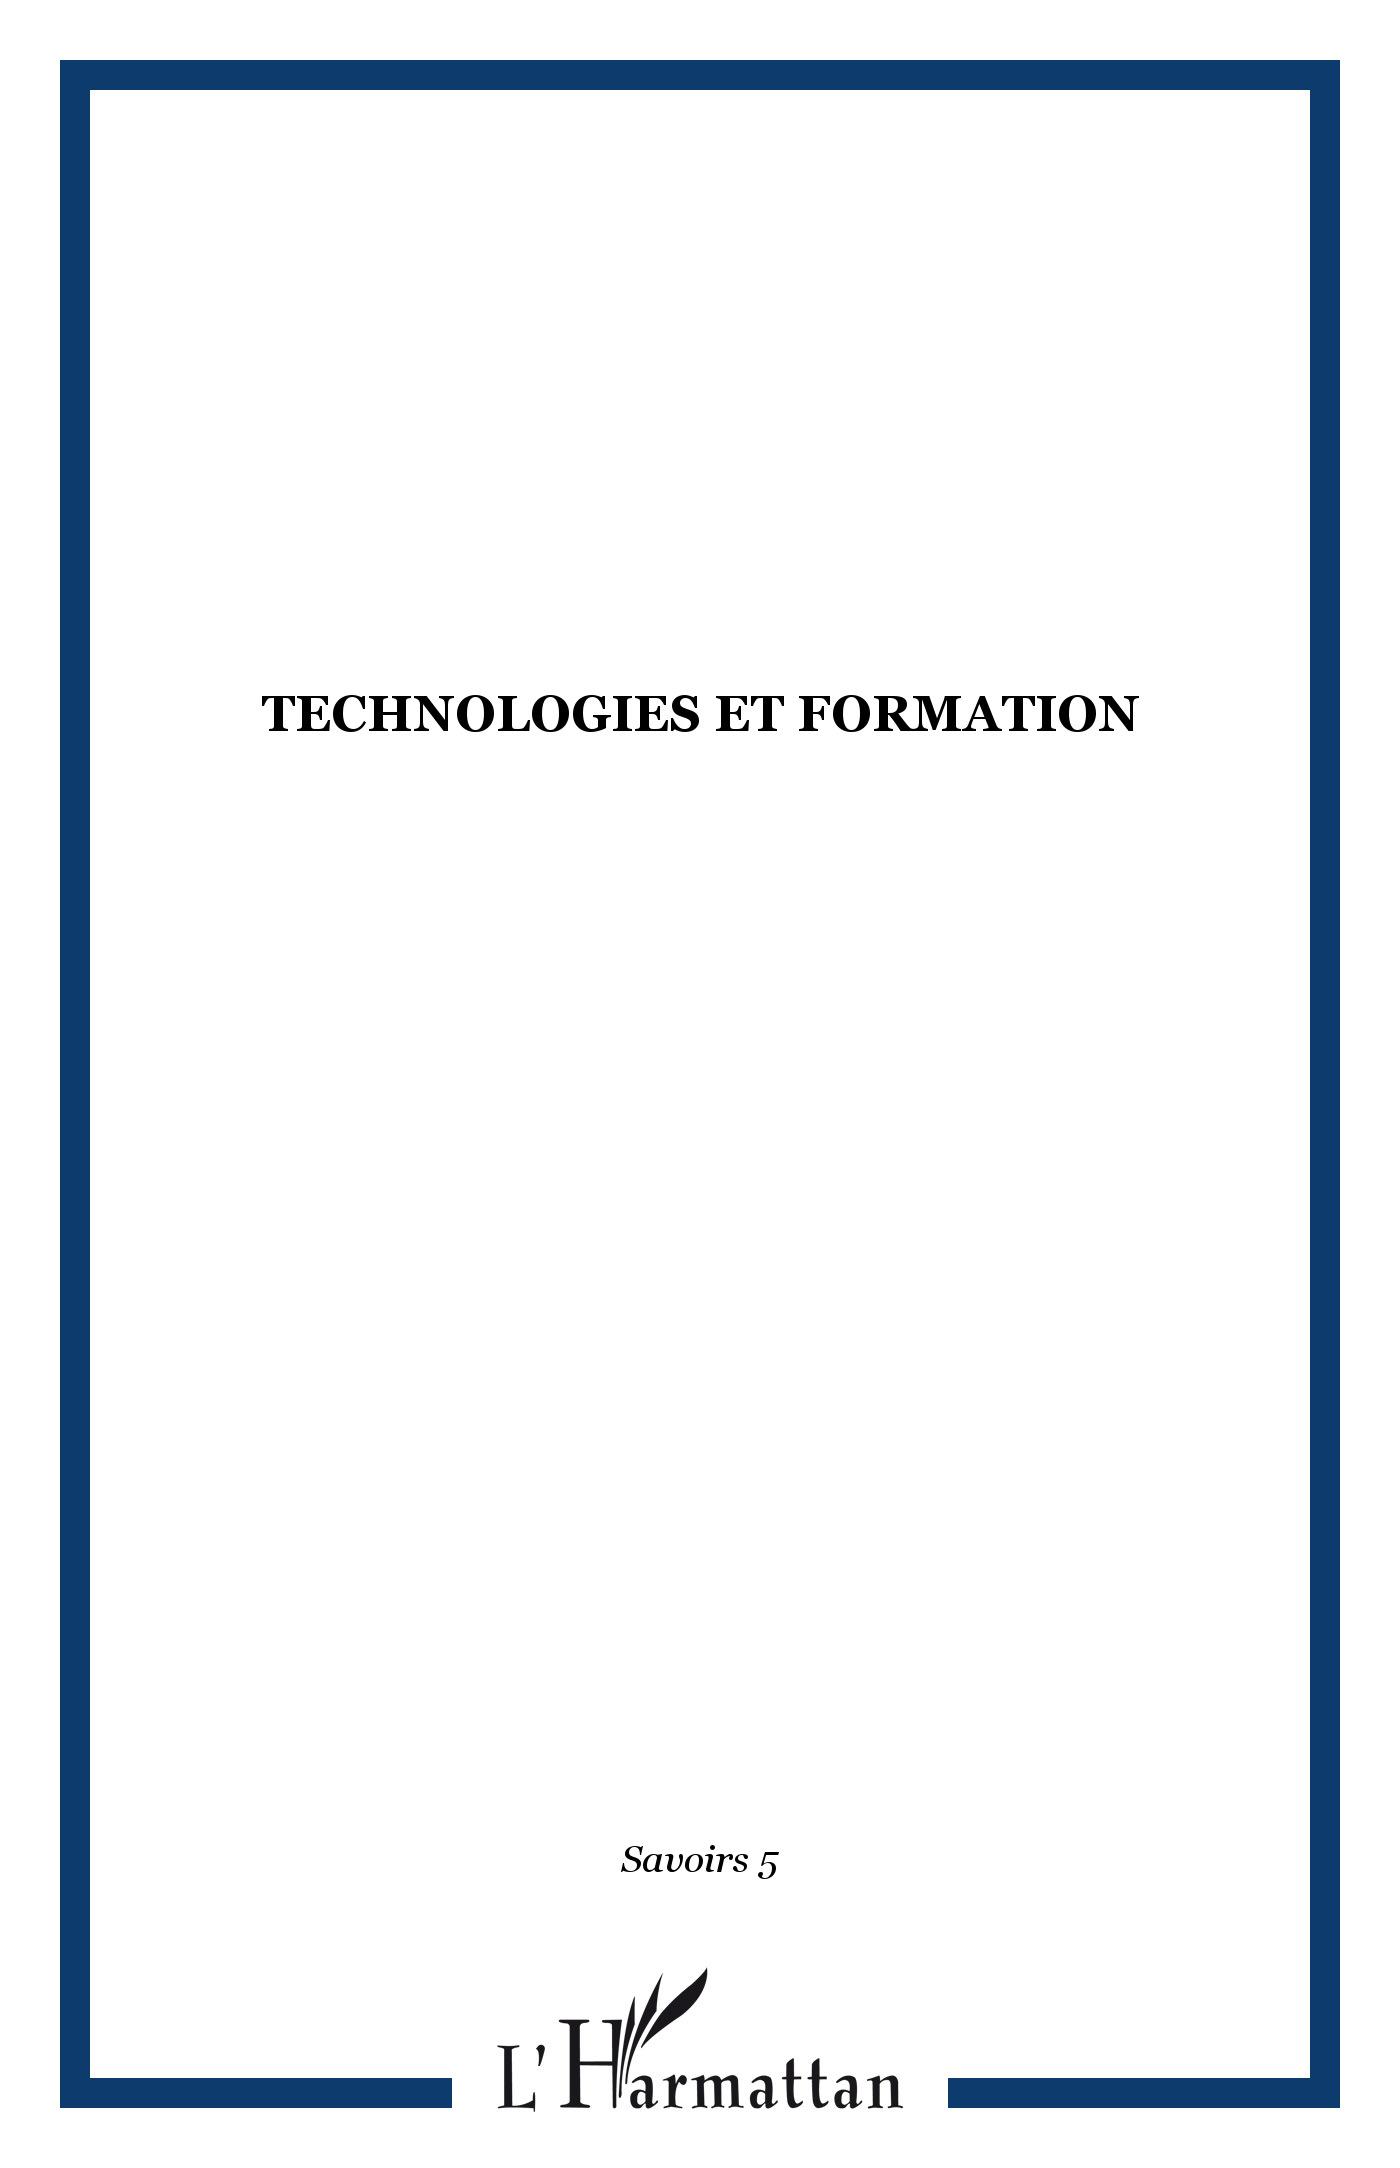 Technologies et